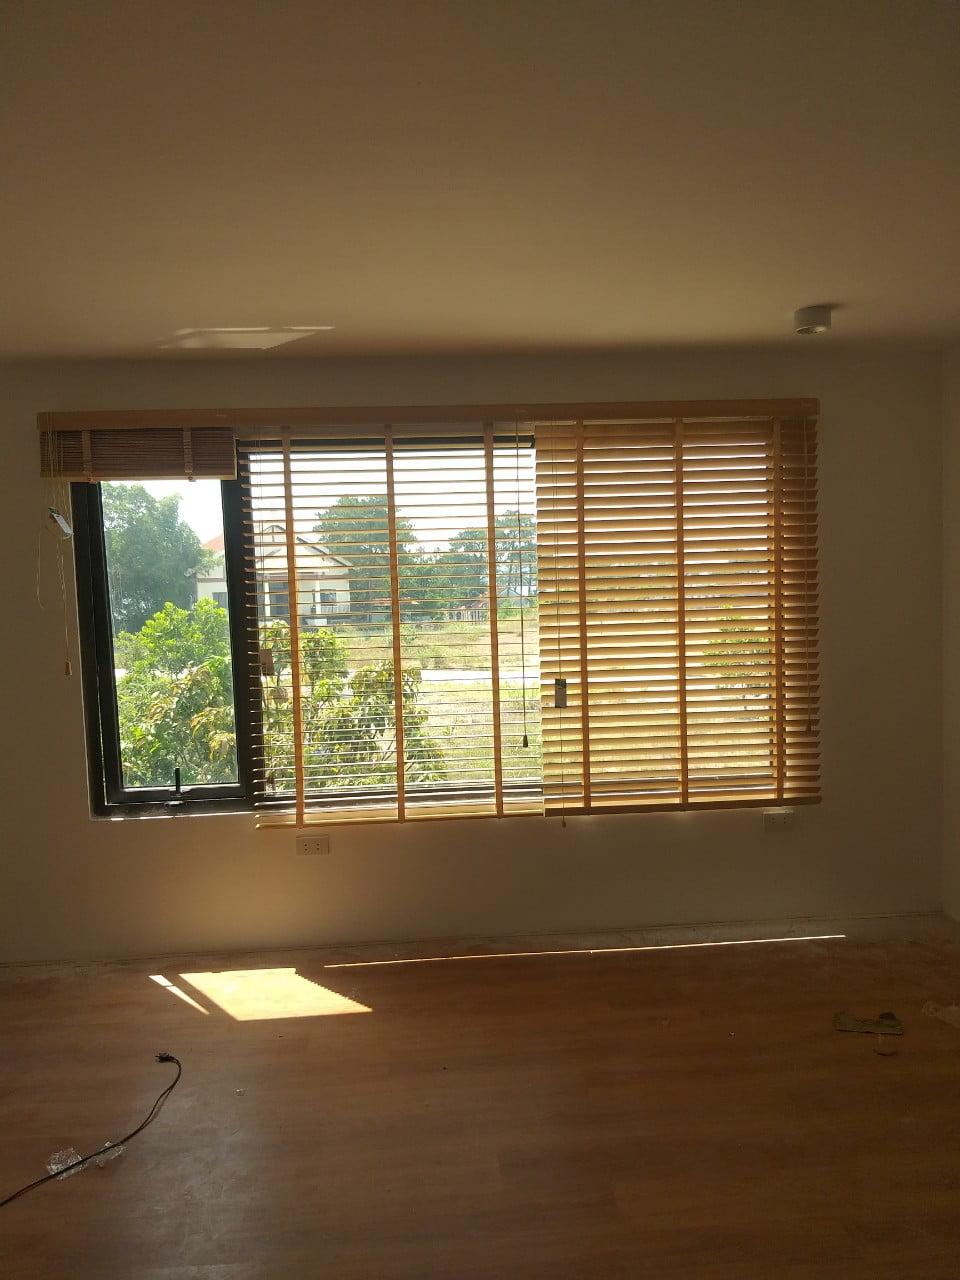 Hình ảnh rèm sáo gỗ ở 3 mức độ khác nhau là che sáng, lấy ánh sáng và rèm được kéo lên toàn bộ